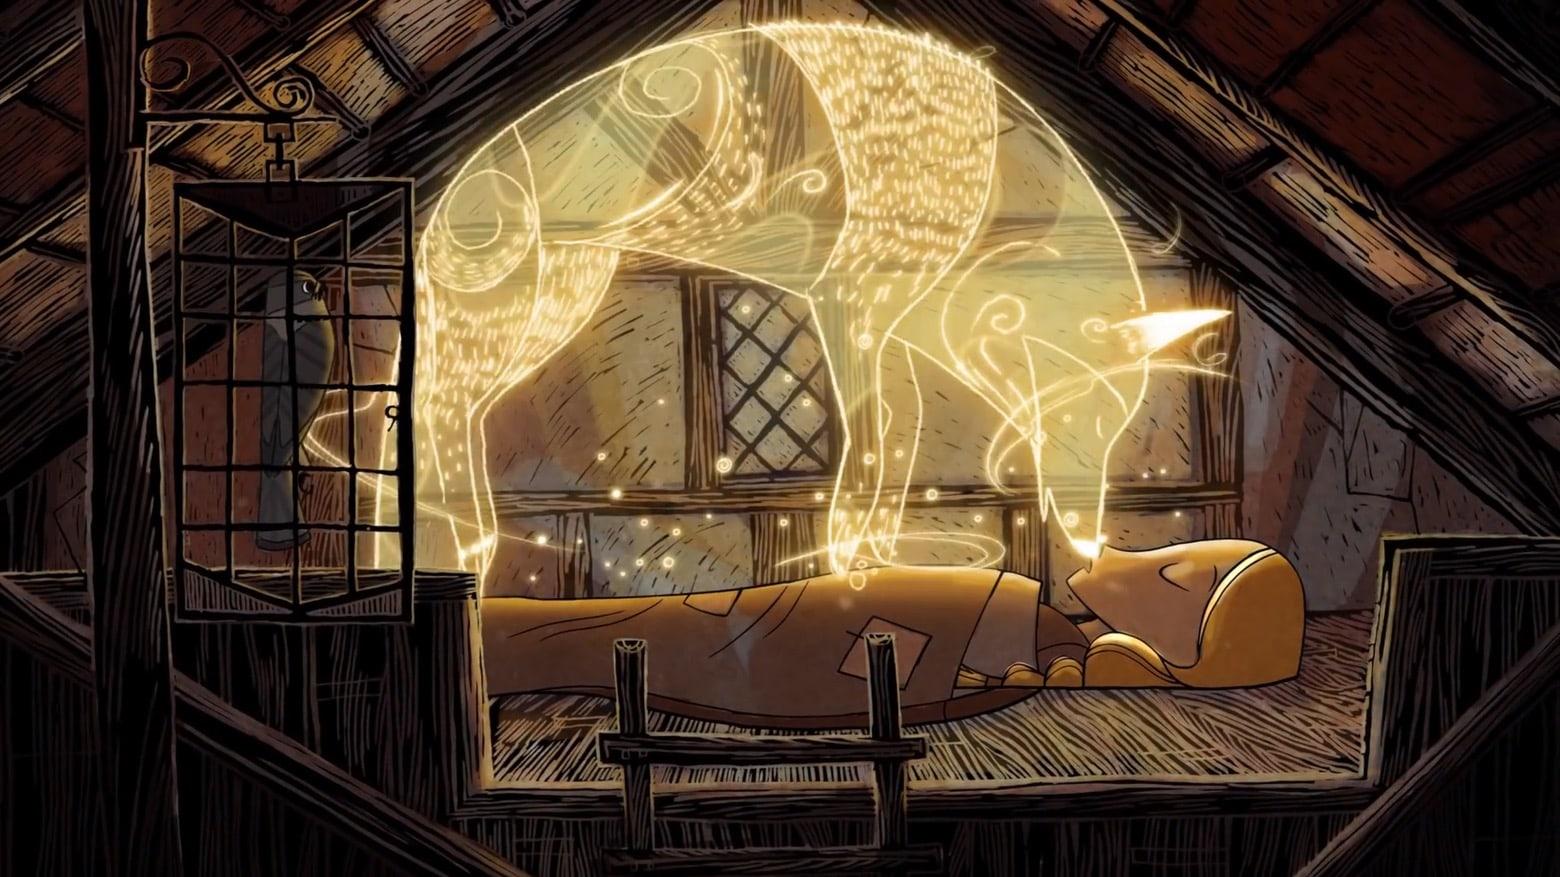 Wolfwalkers backdrop